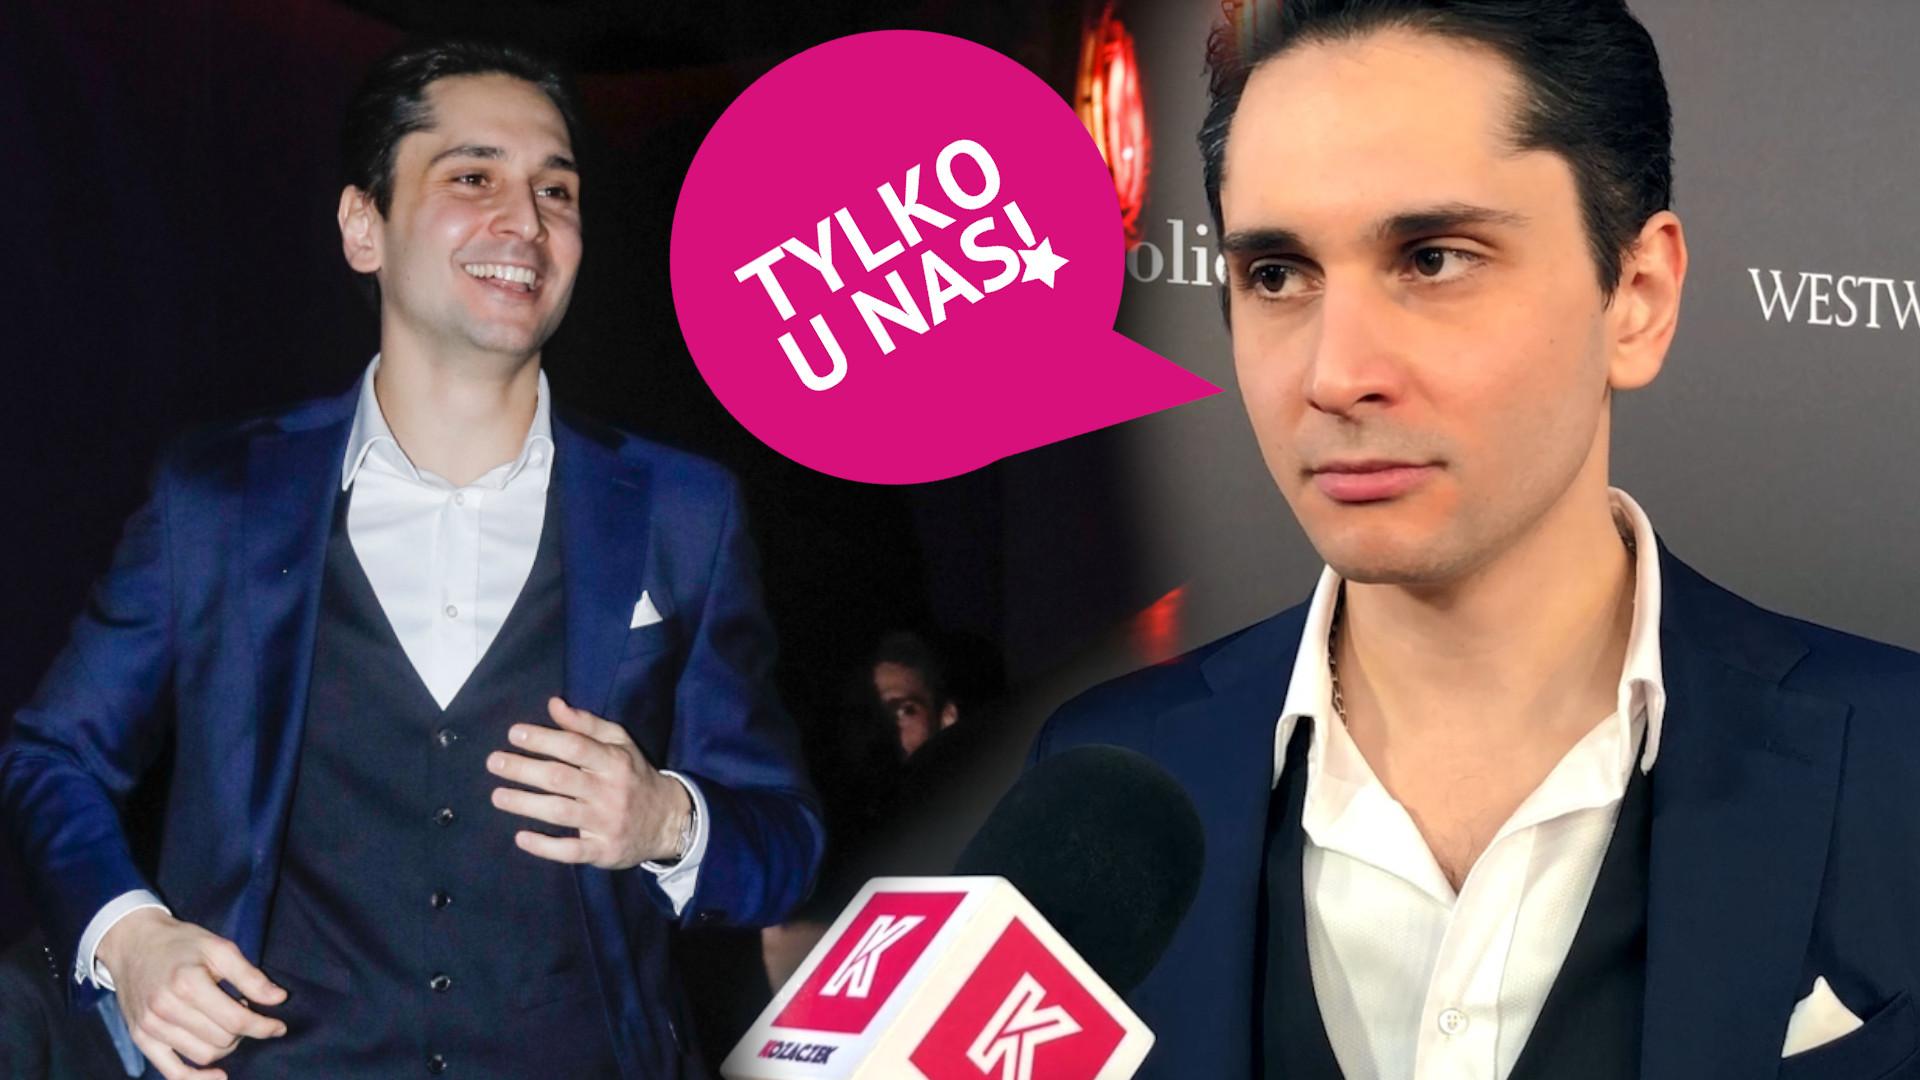 """Poznajcie Otara Saralidze, który zagrał Domenico w filmie """"365 dni"""". Lipińska nie pozwoliła mu zagrać, tak jak on chciał!"""